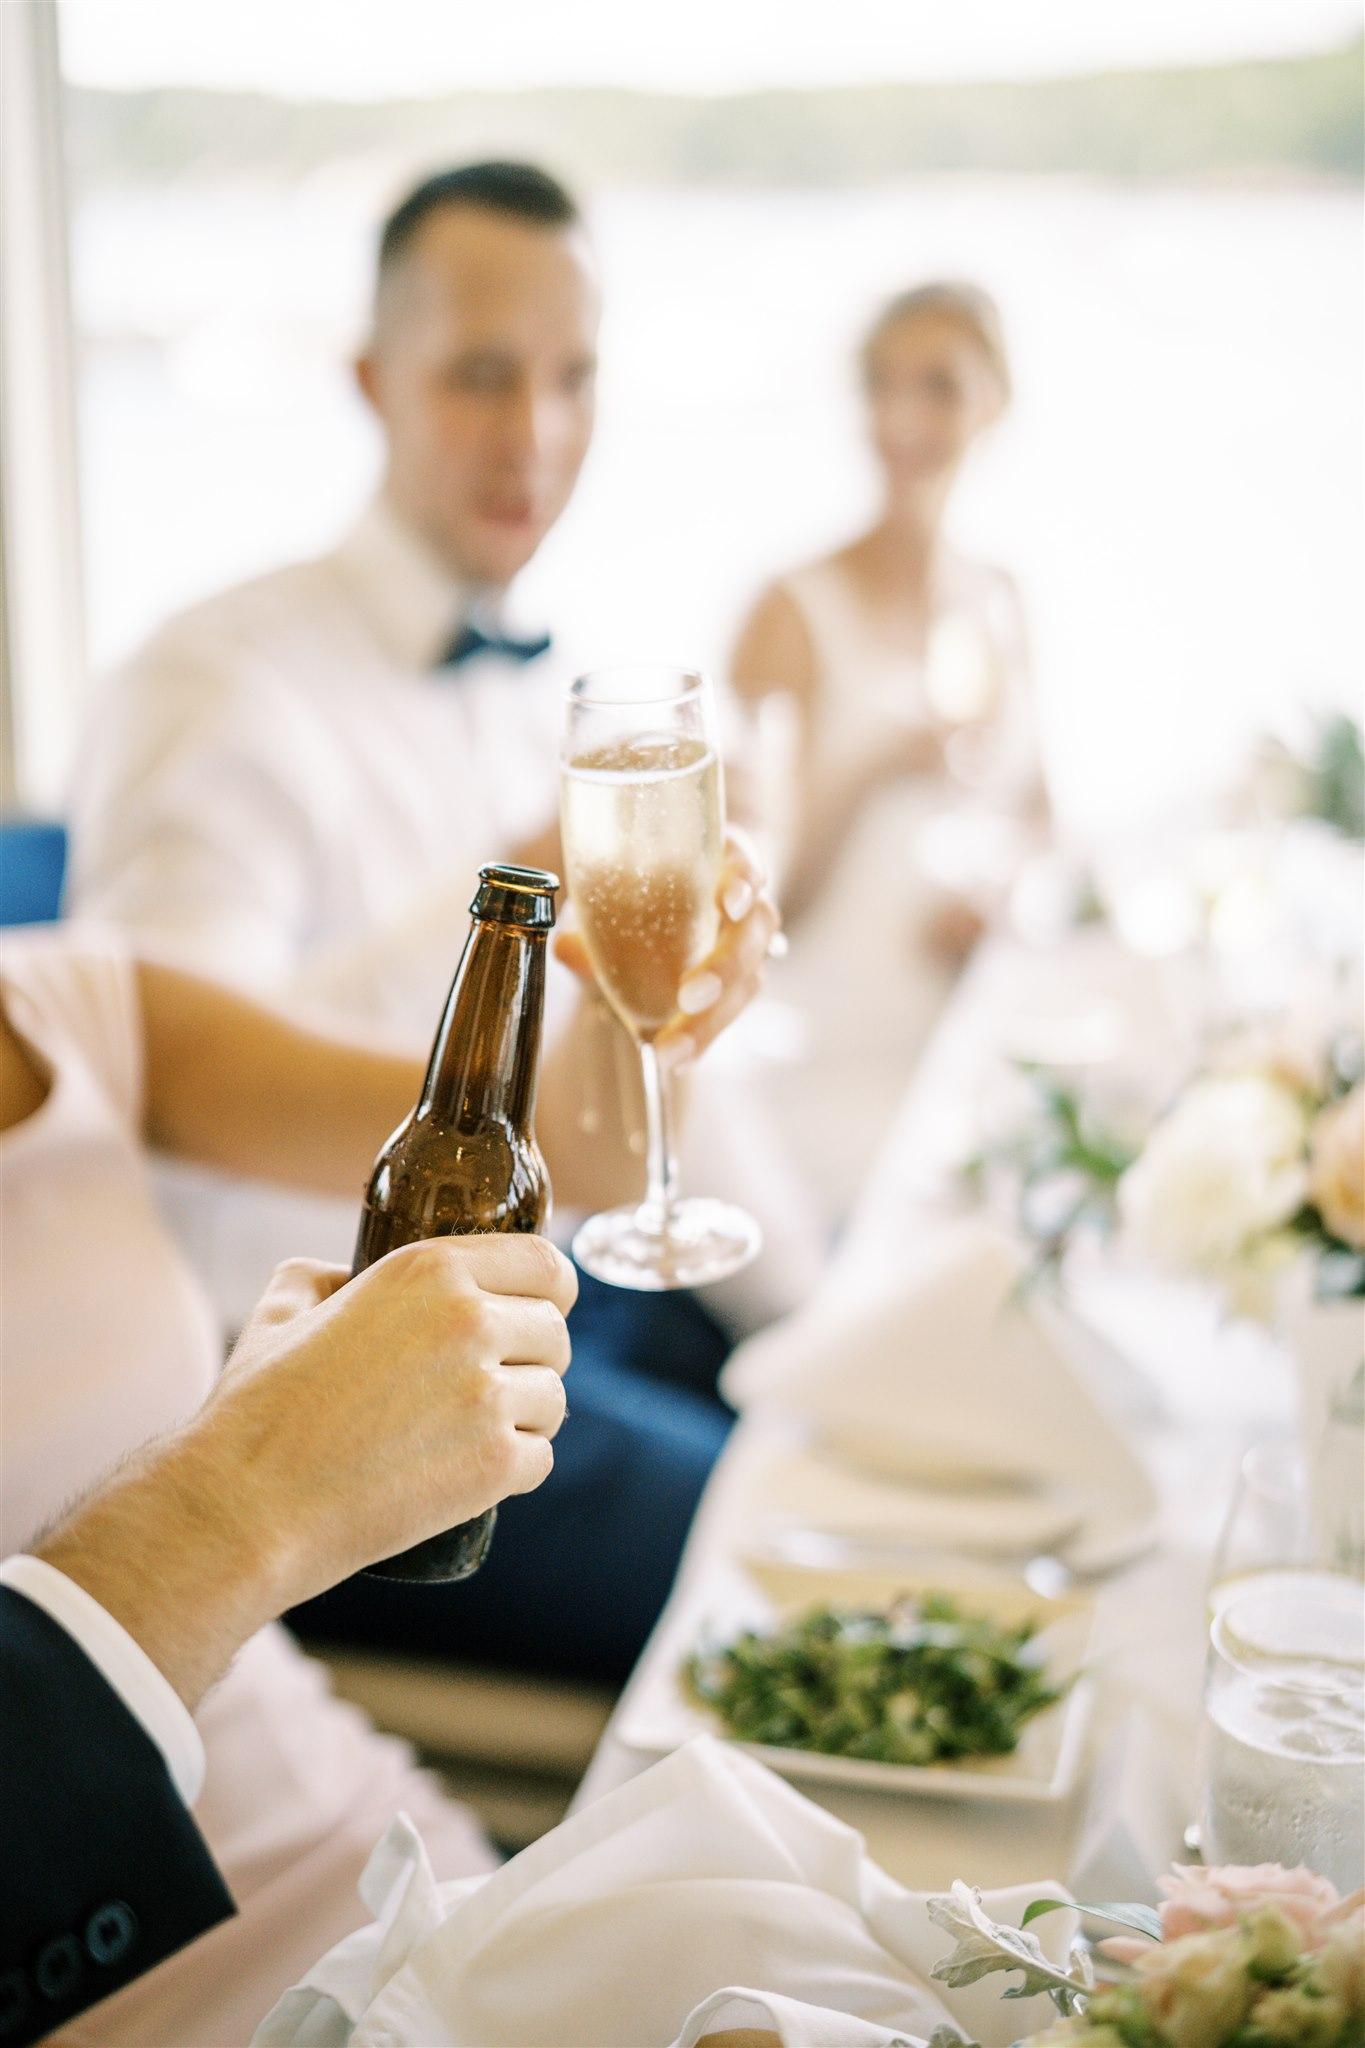 Raising glasses at a wedding reception at the Bar Harbor Inn